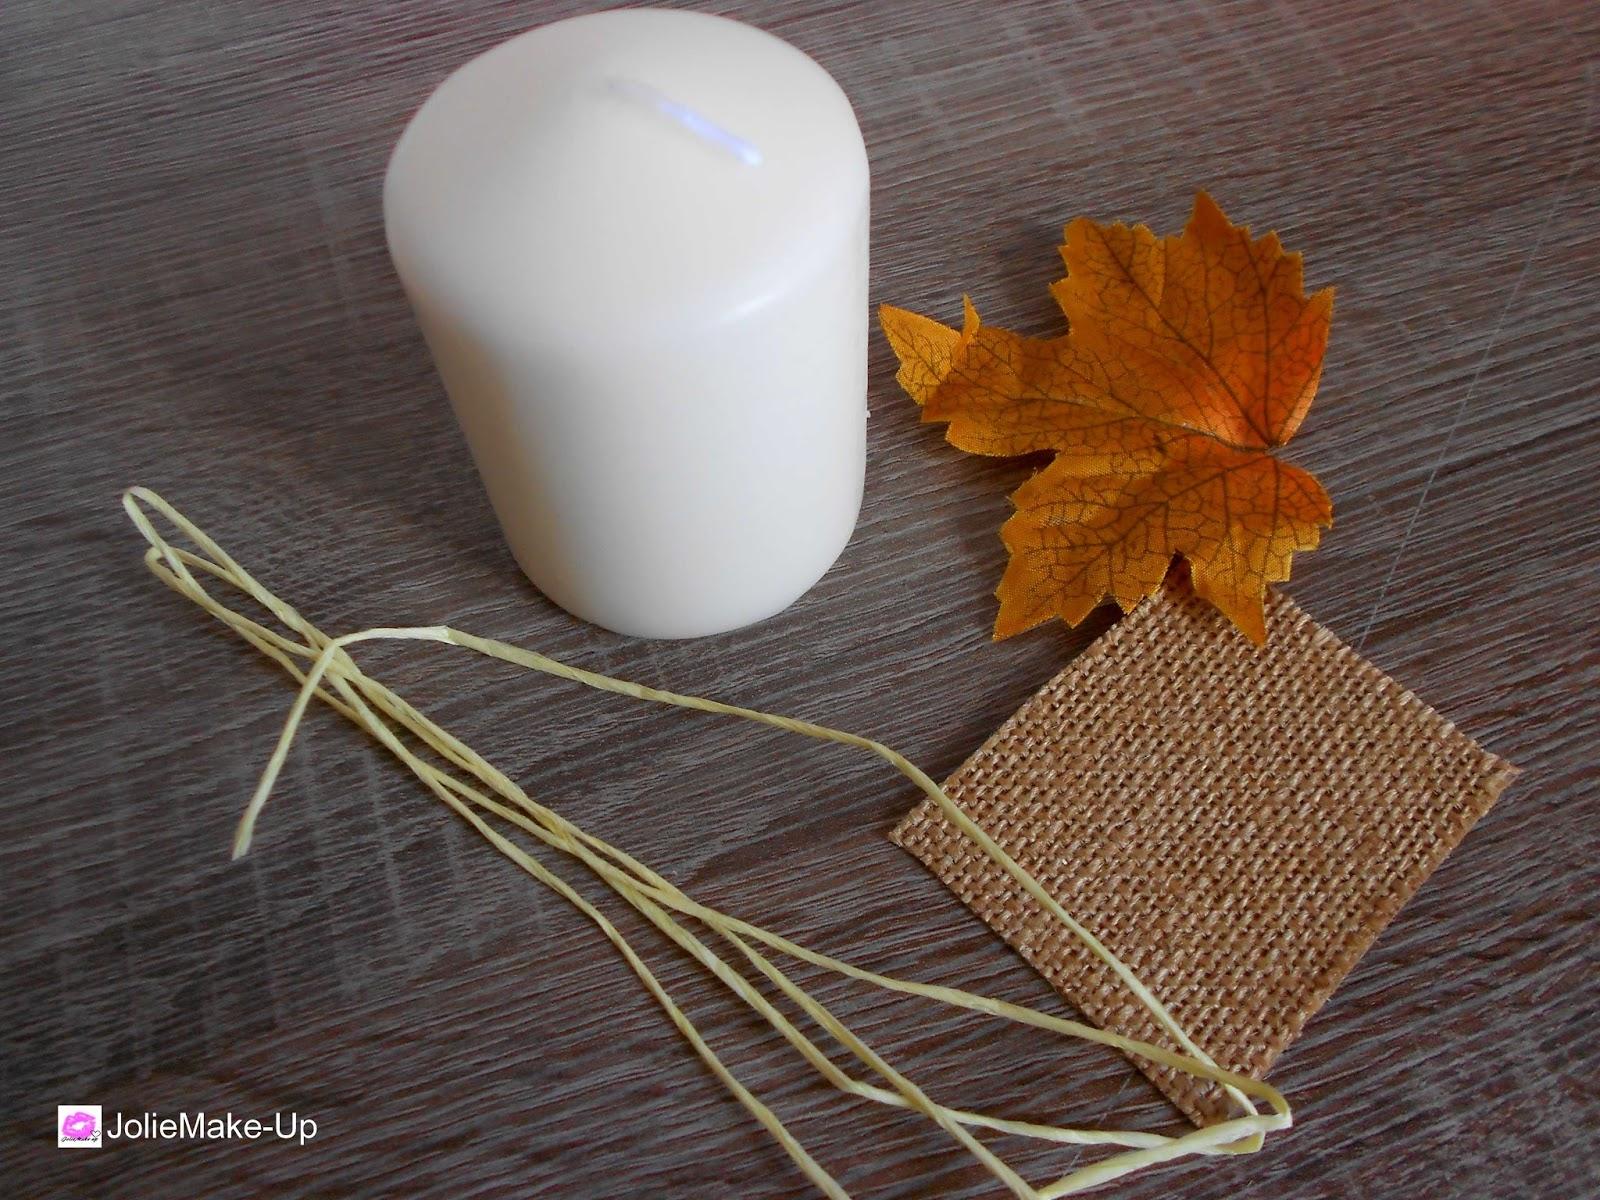 joliemake up diy des bougies aux couleurs de l 39 automne tr s facile faire et en un clair. Black Bedroom Furniture Sets. Home Design Ideas